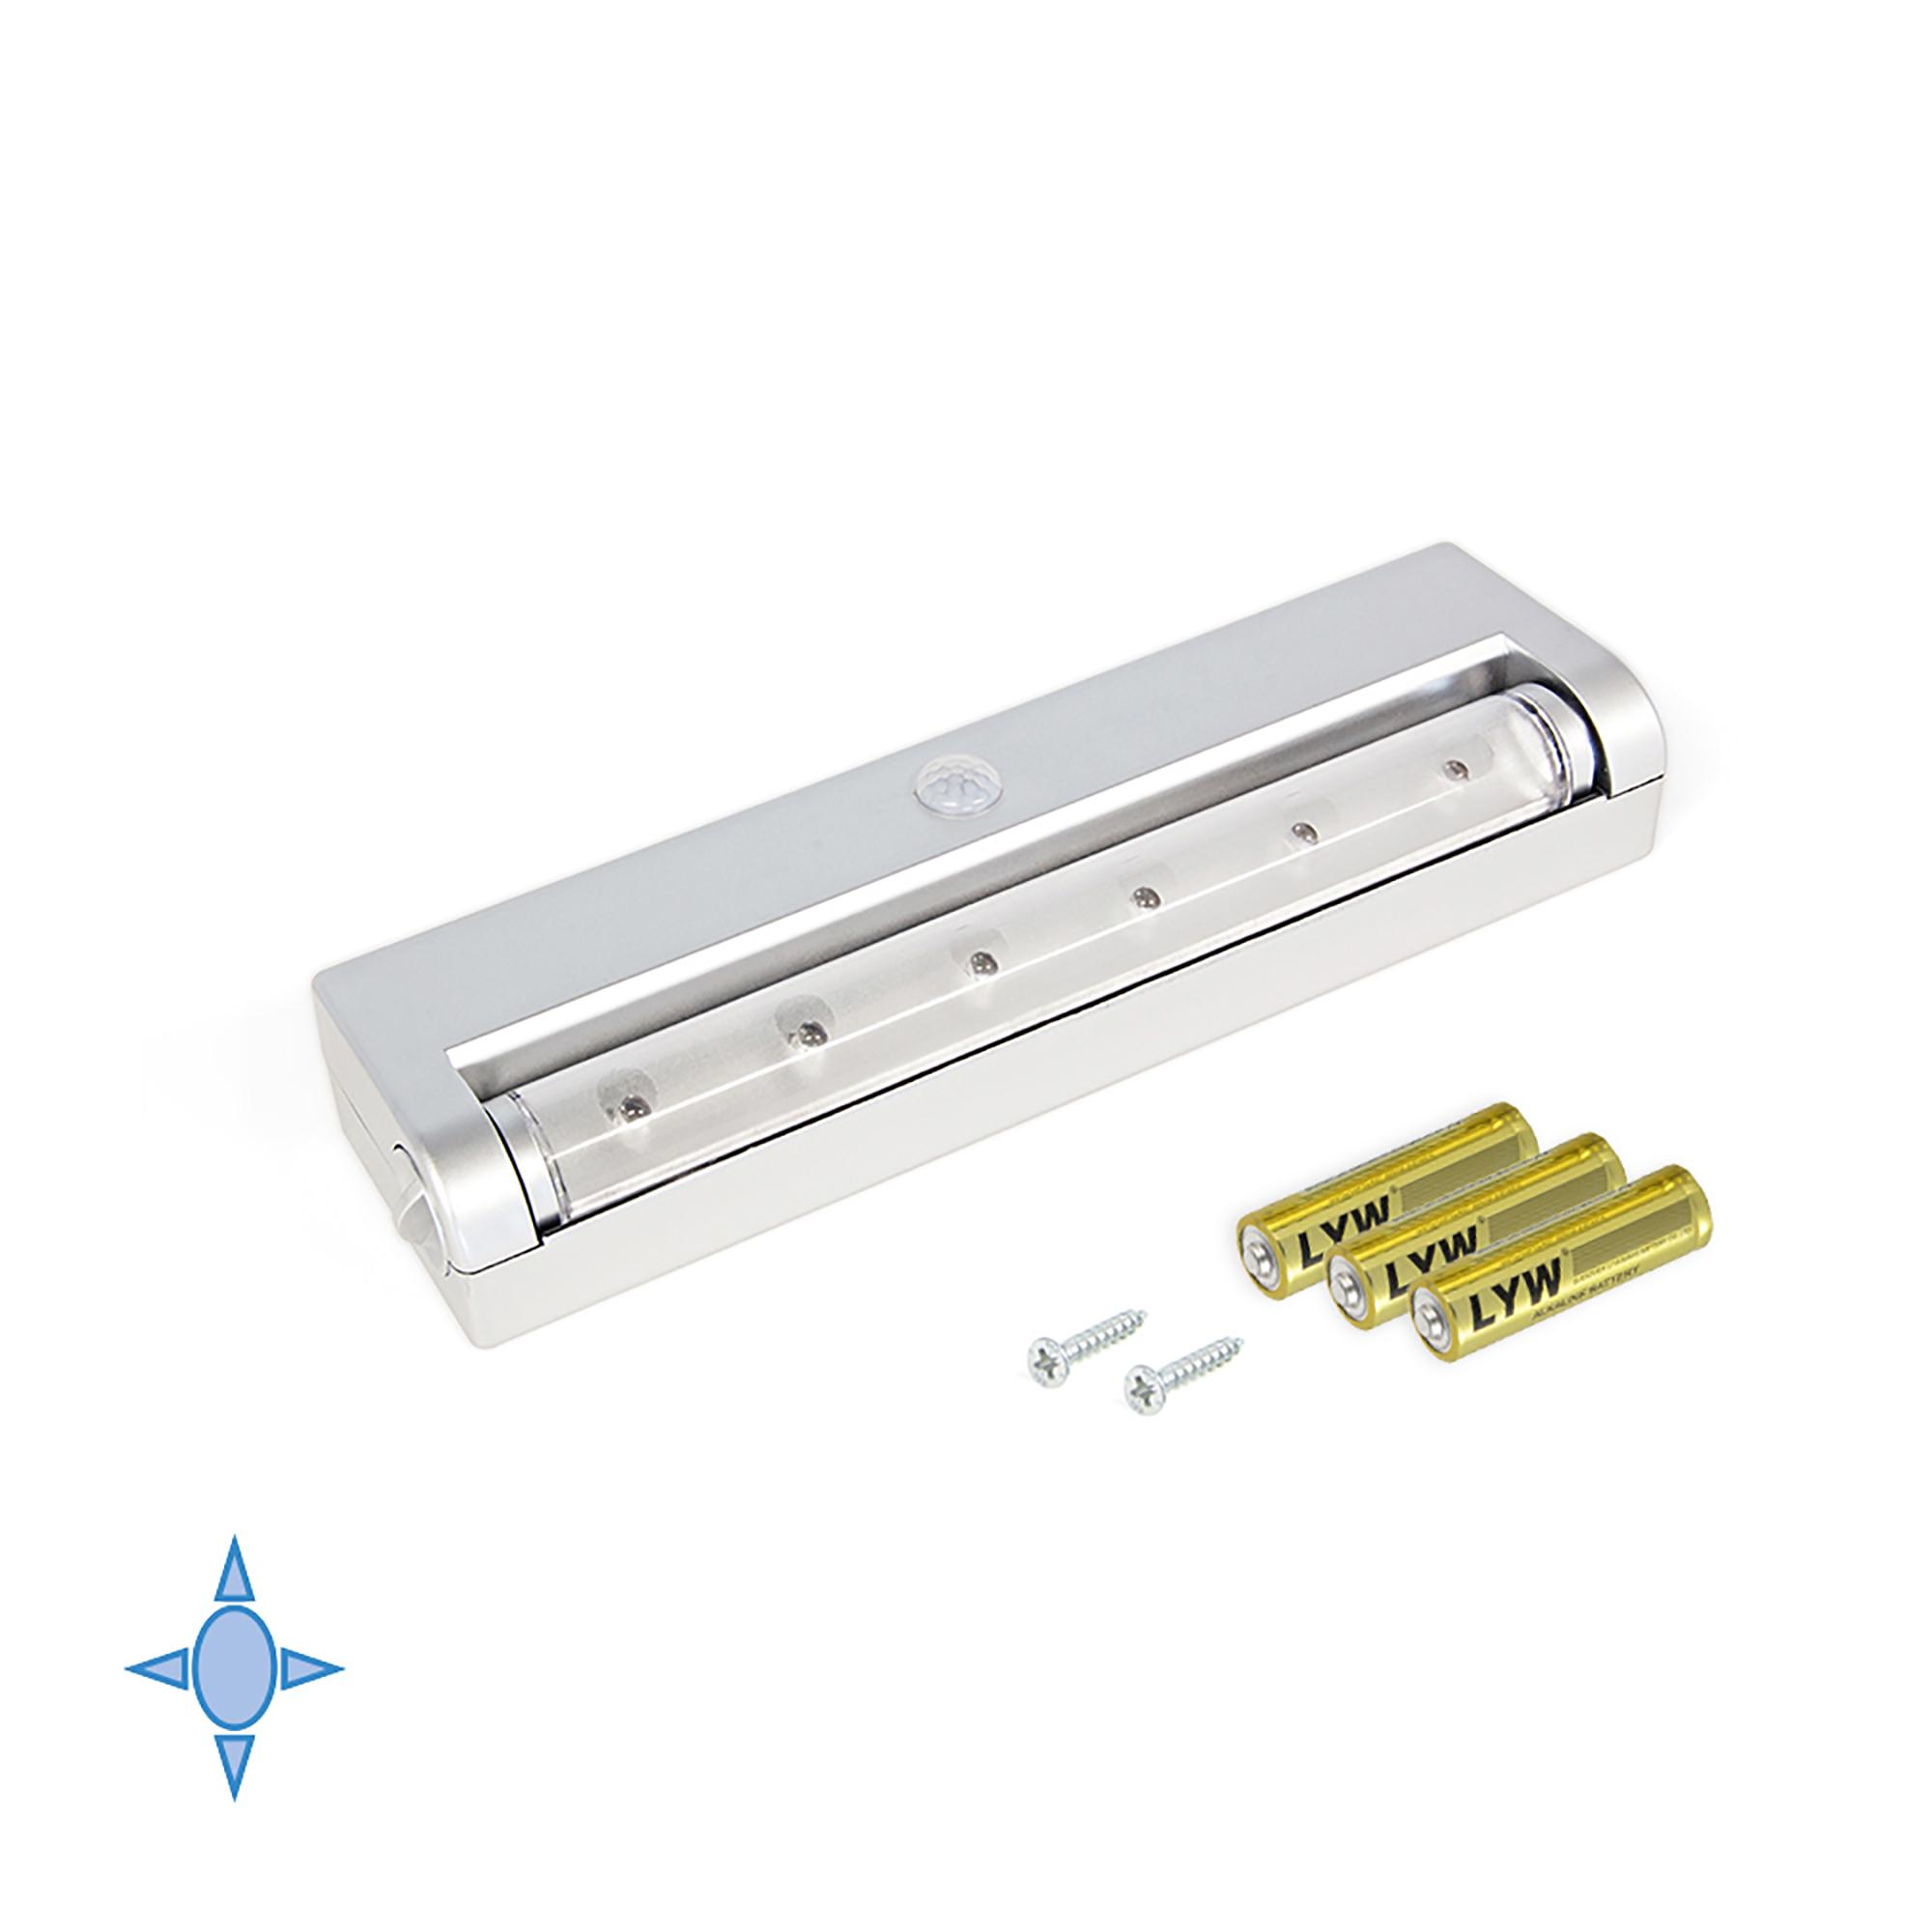 Emuca Luce LED a batterie, sensore di movimento, Luce bianca fredda, Plastica, Grigio metallizzato